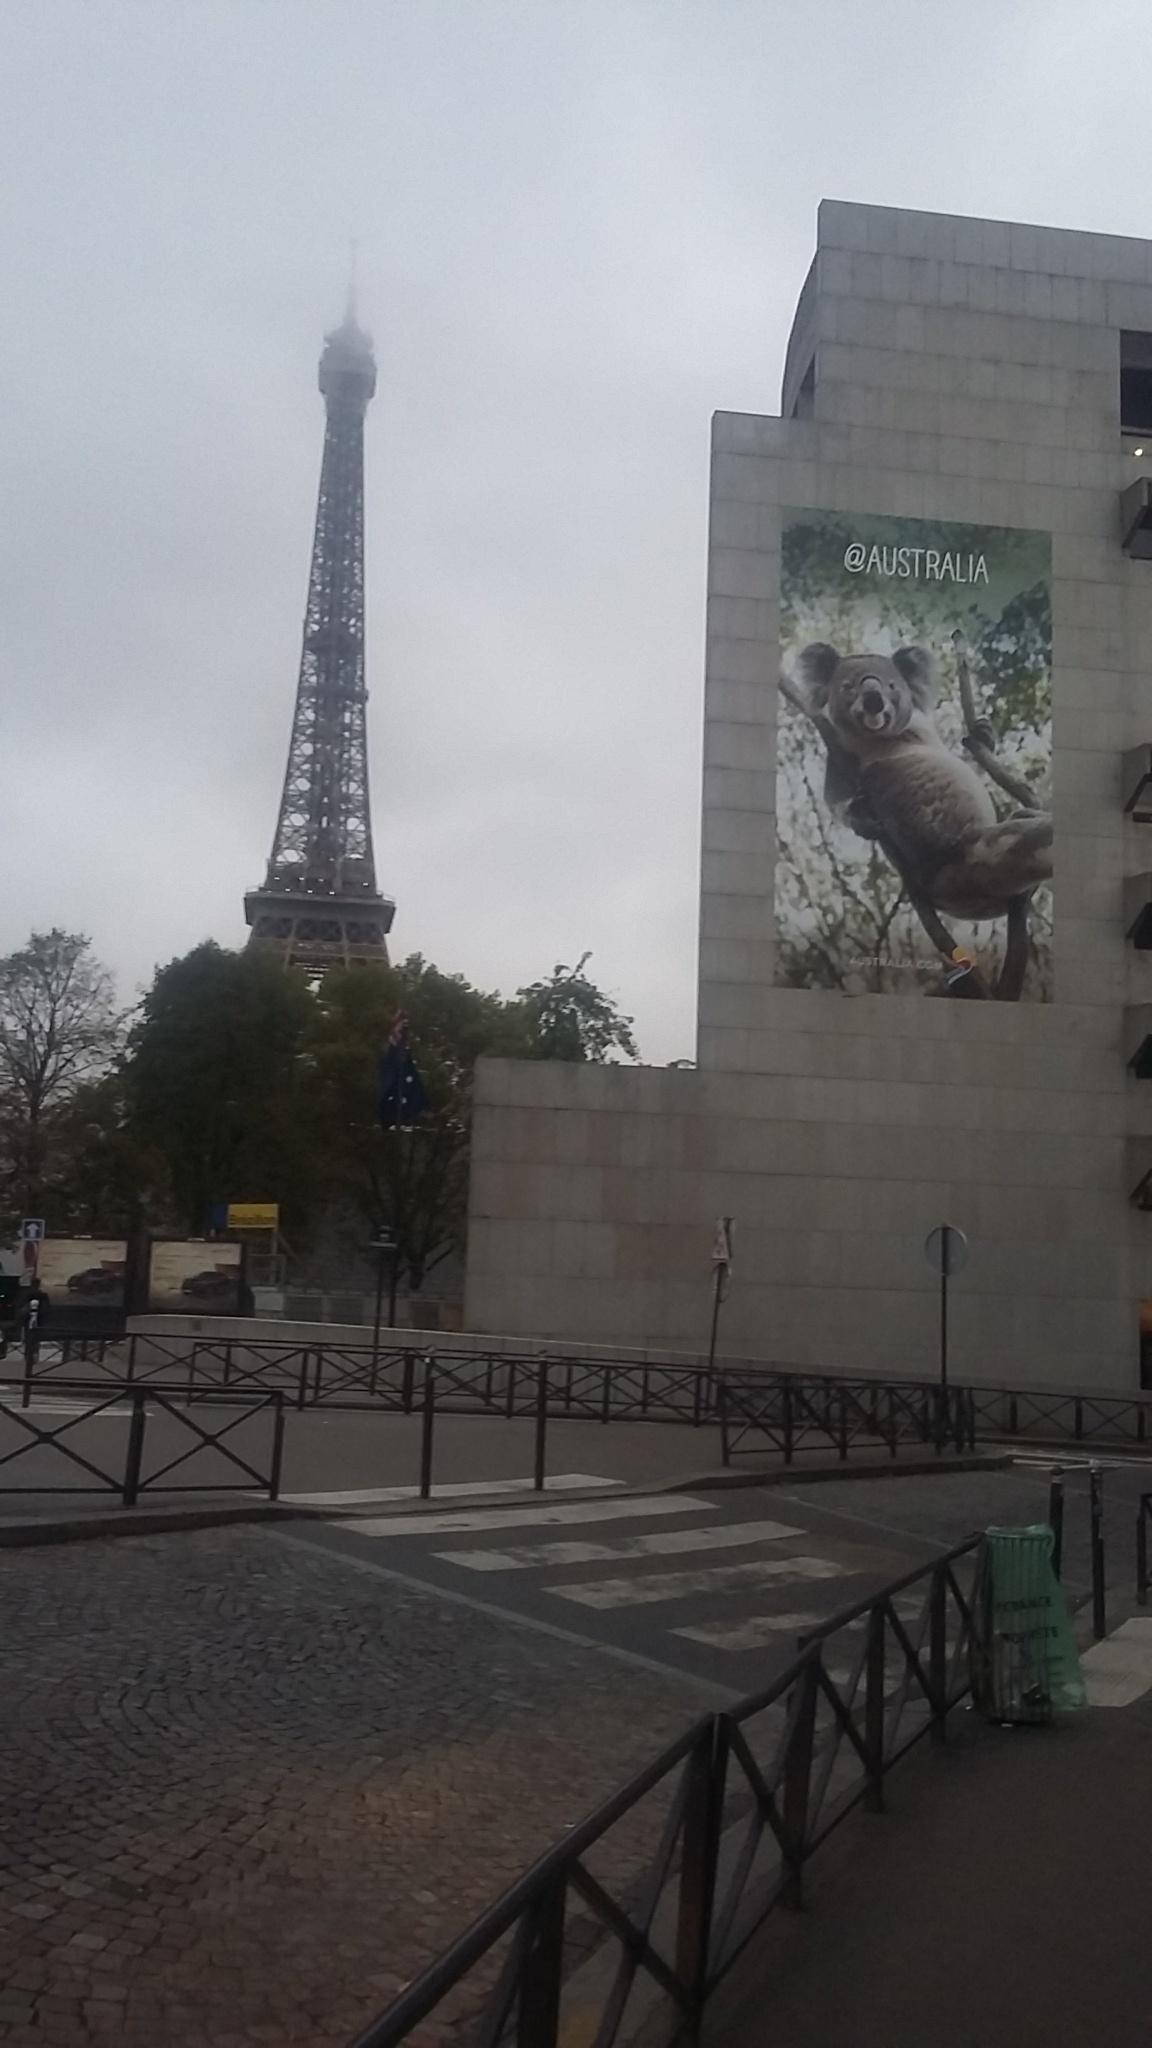 paris is still paris